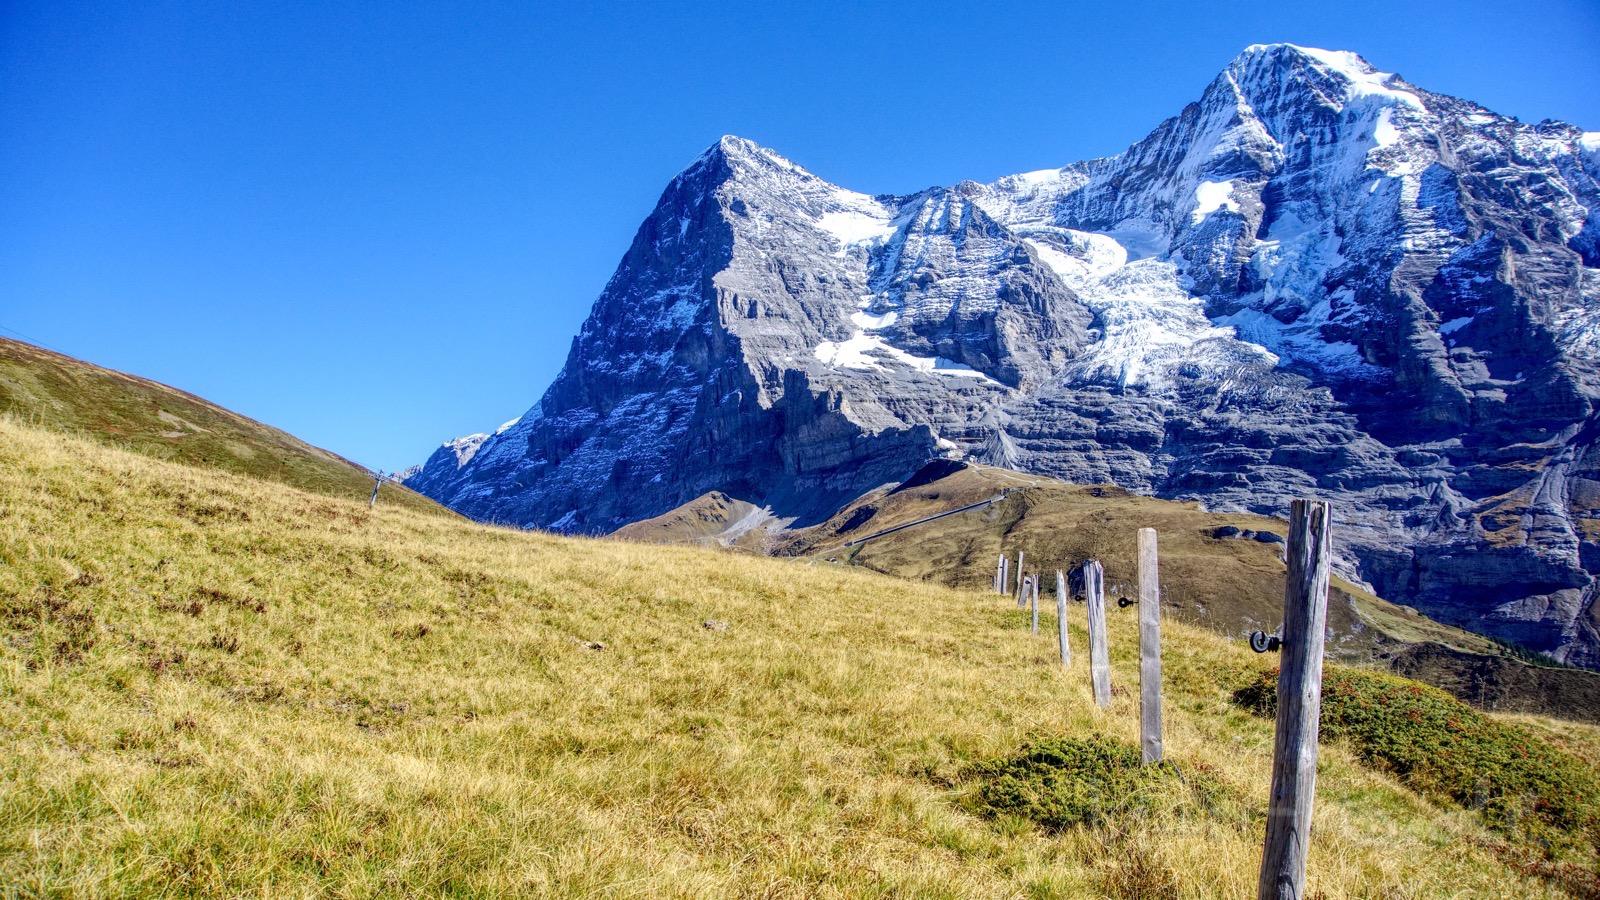 Eiger und Mönch thronen über der Alplandschaft.